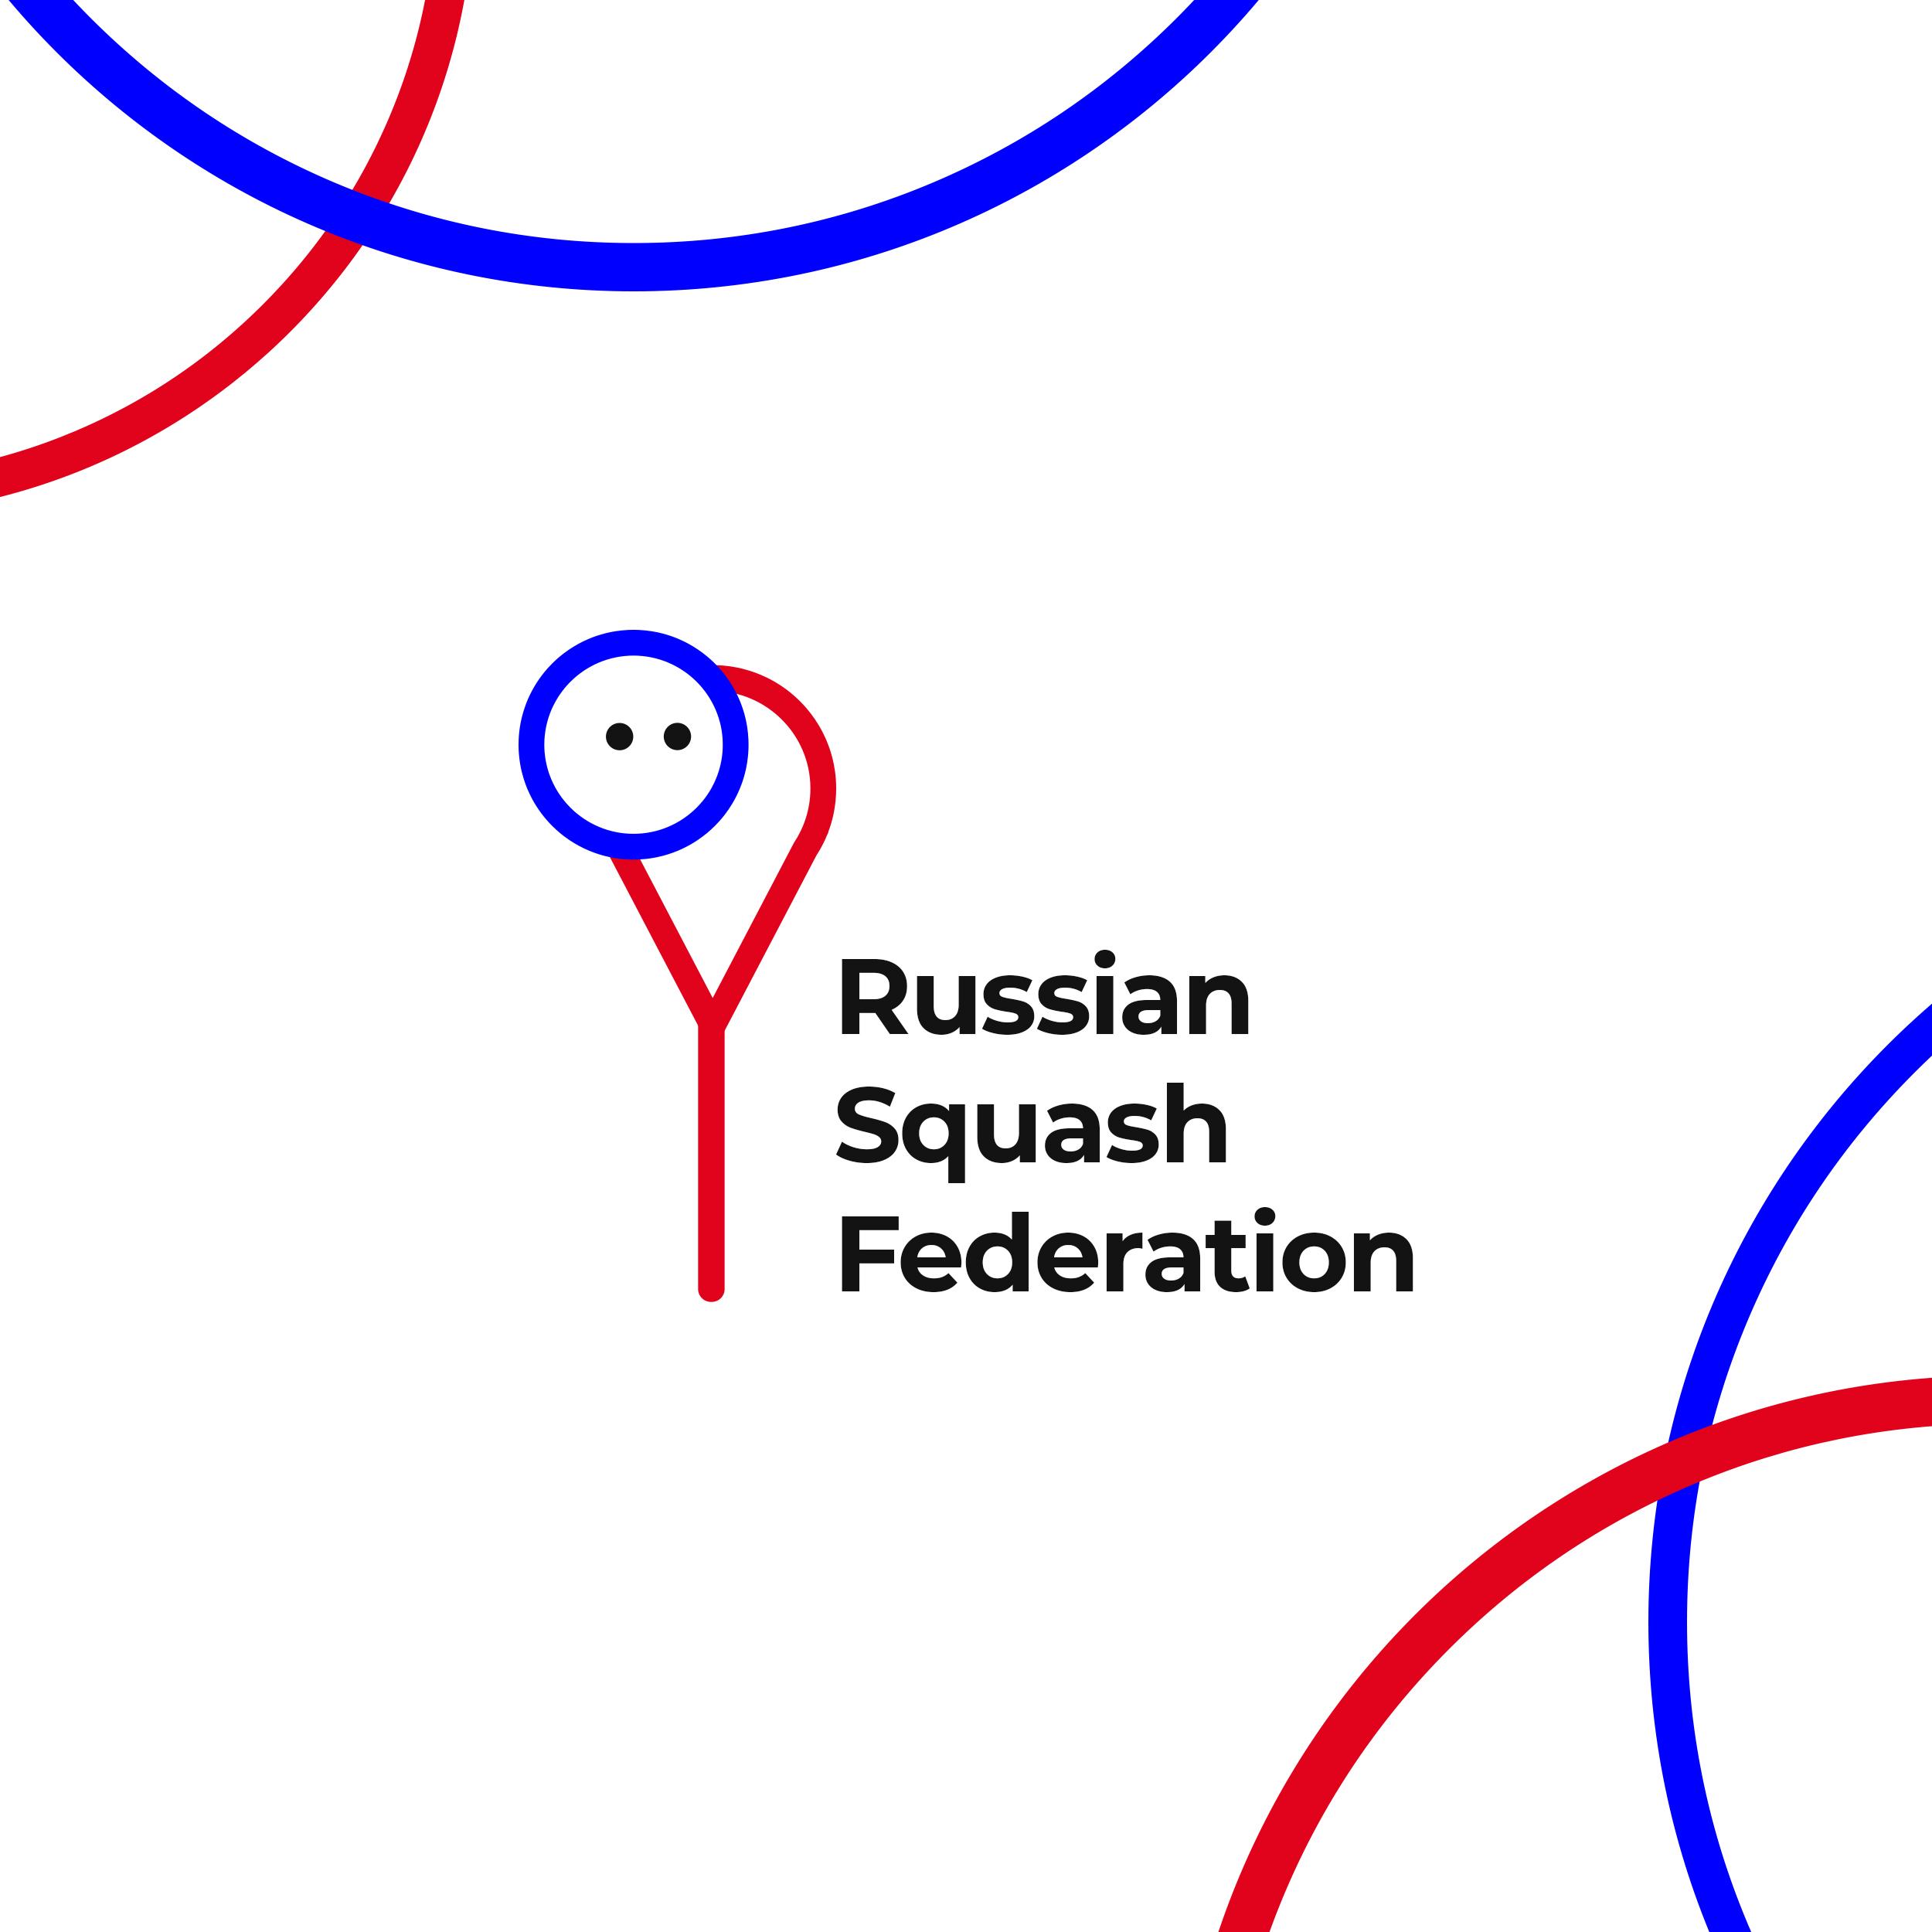 Разработать логотип для Федерации сквоша России фото f_1255f33d520a6efc.jpg